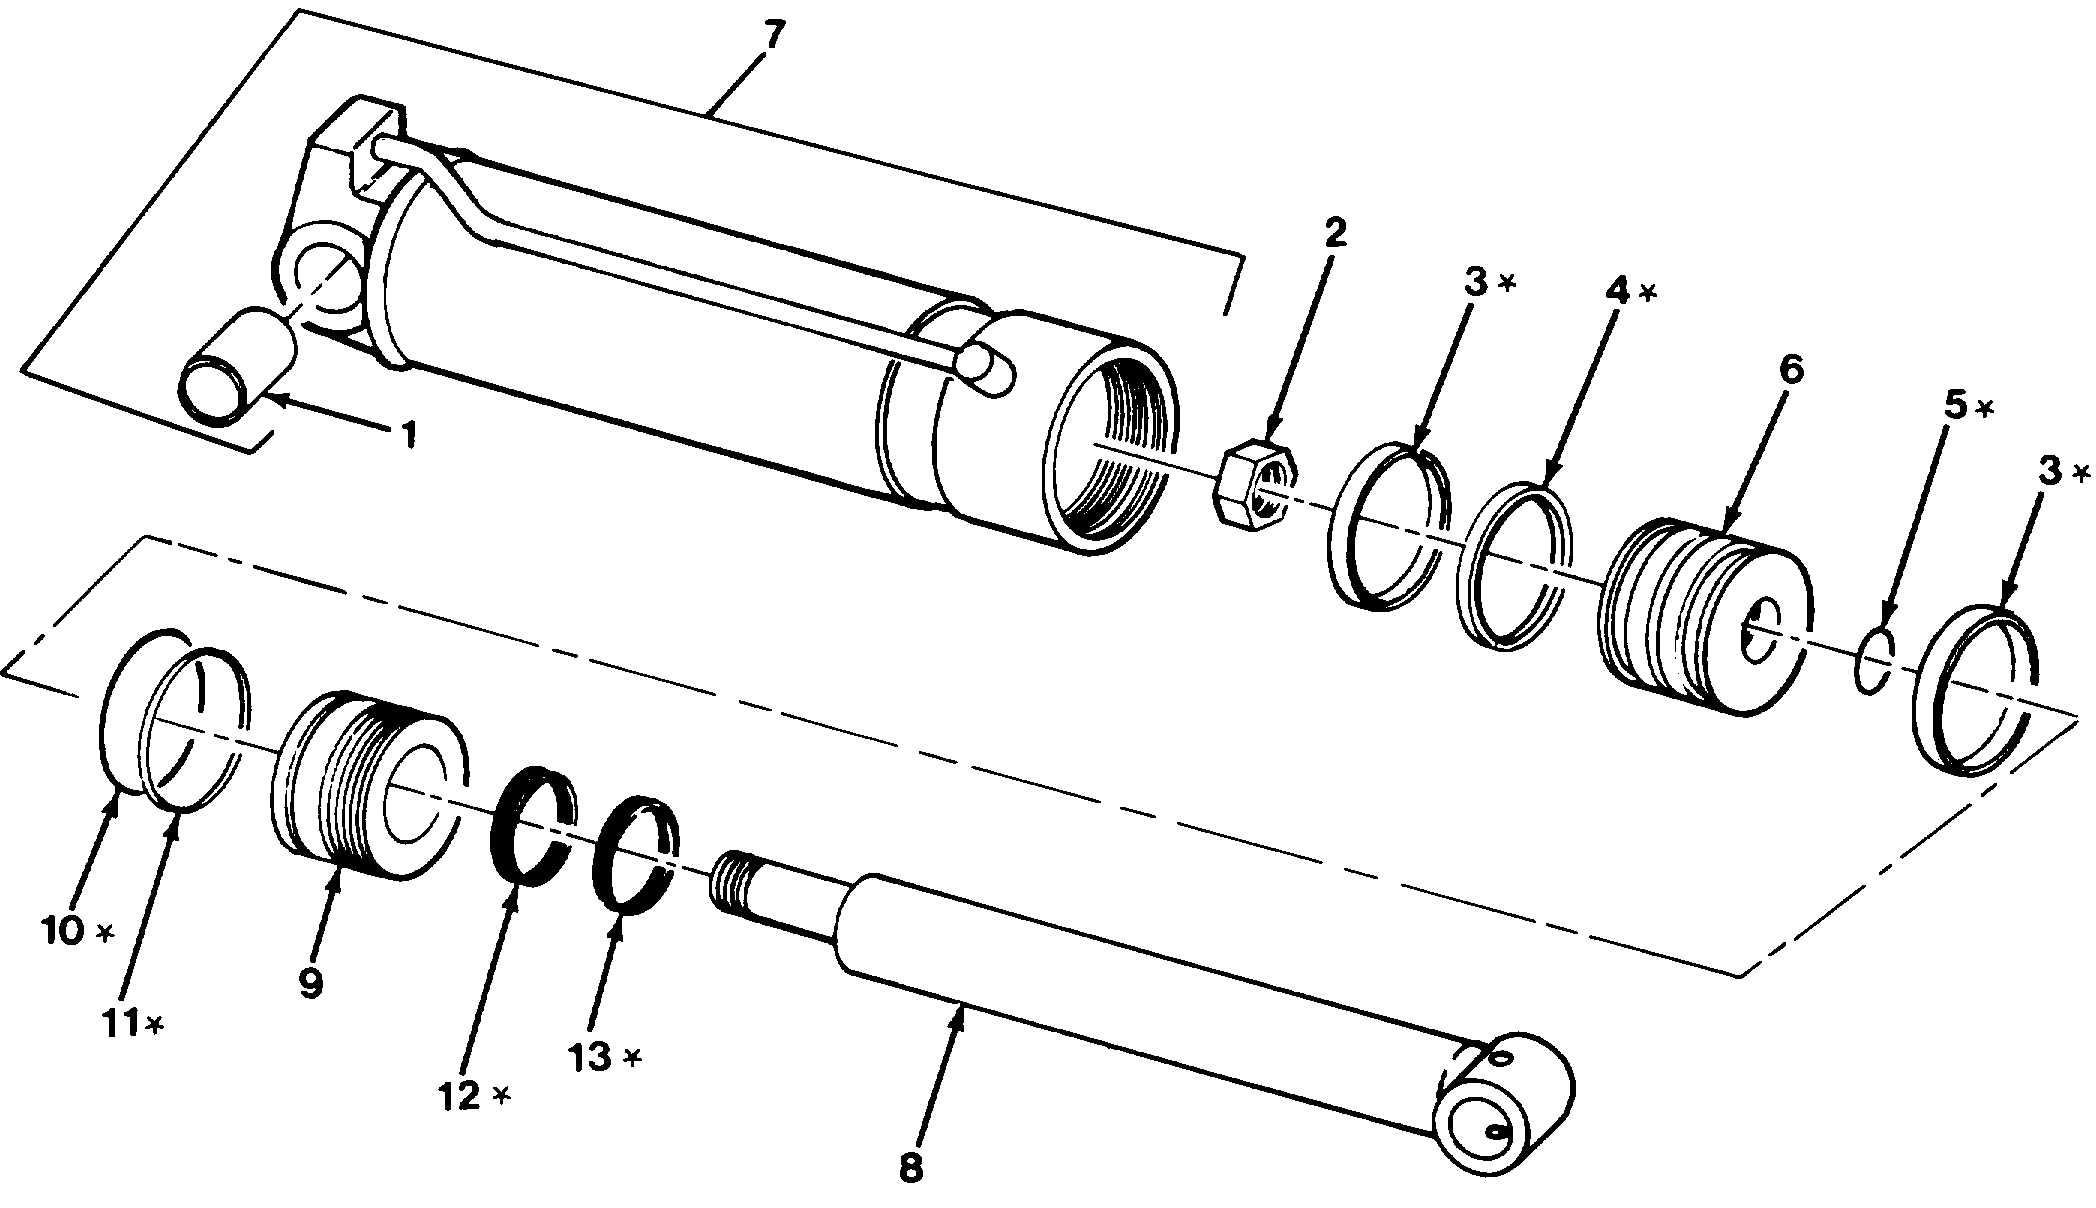 Figure 105. Outrigger Cylinder